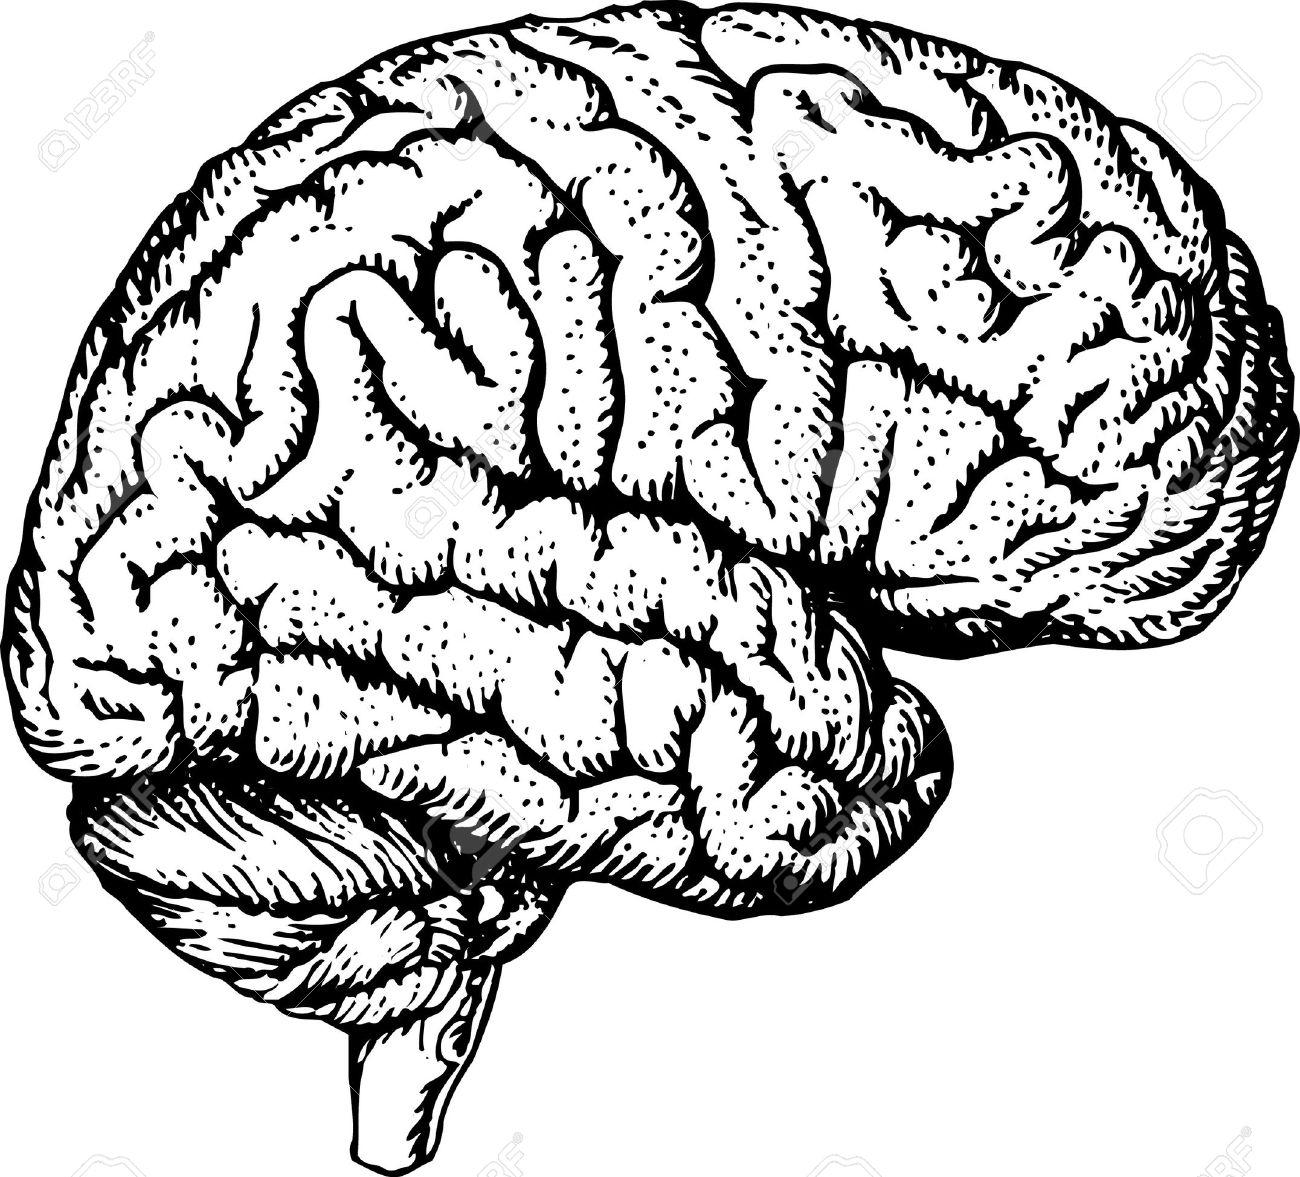 1300x1177 Internal Human Brain Human Brain Free Download Clip Art Free